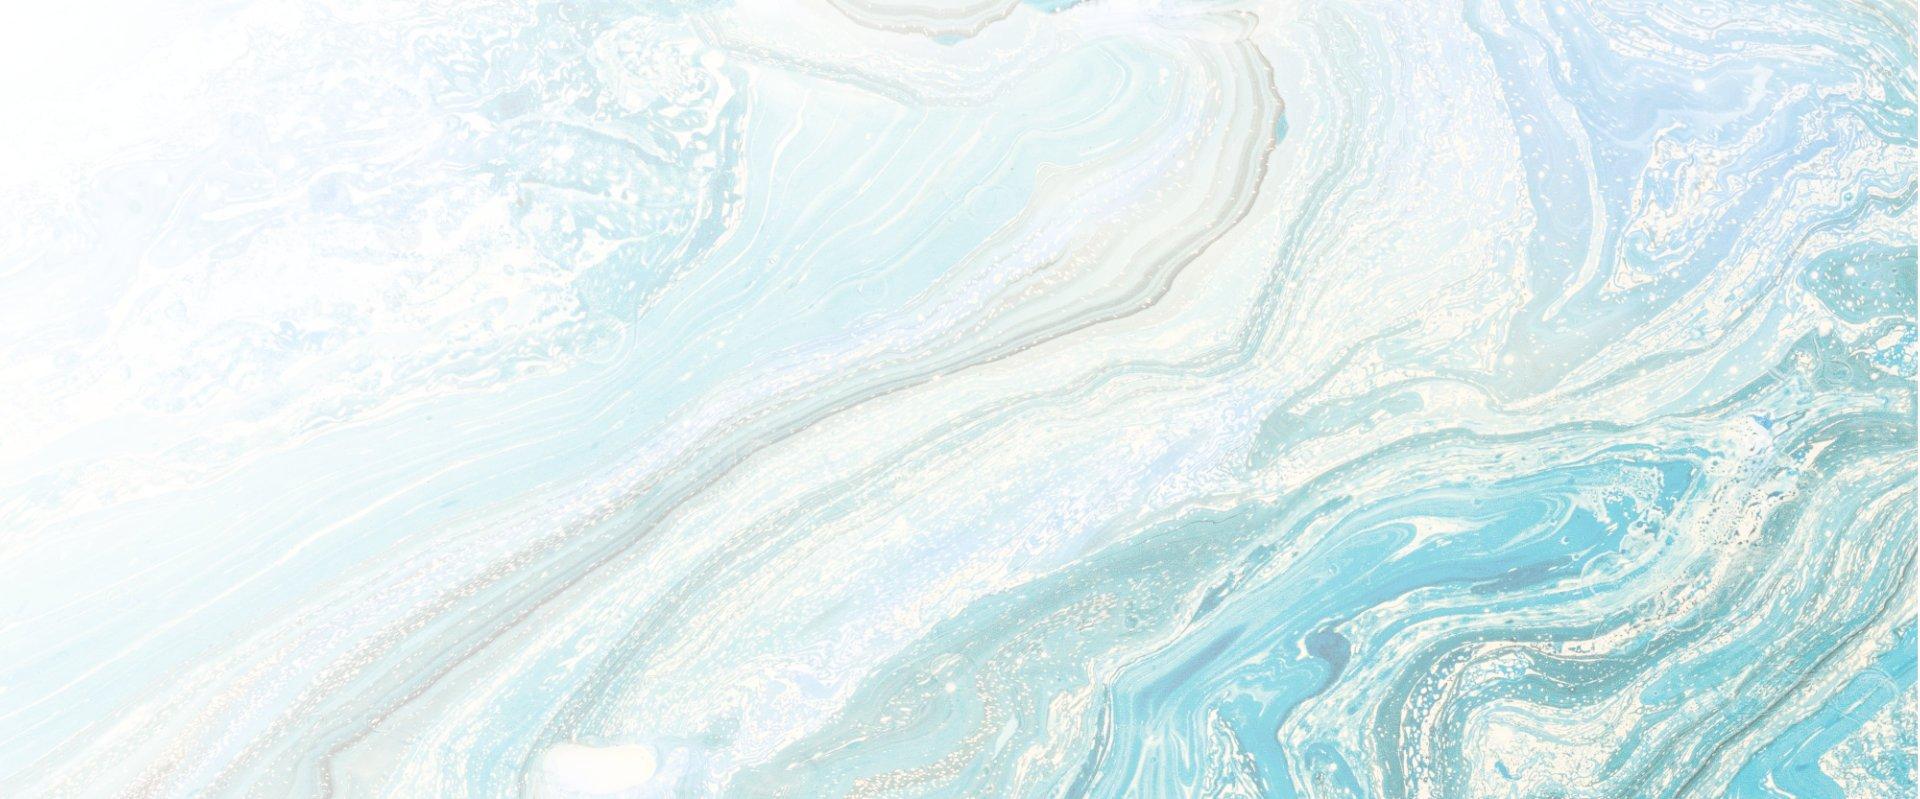 Textured background 2